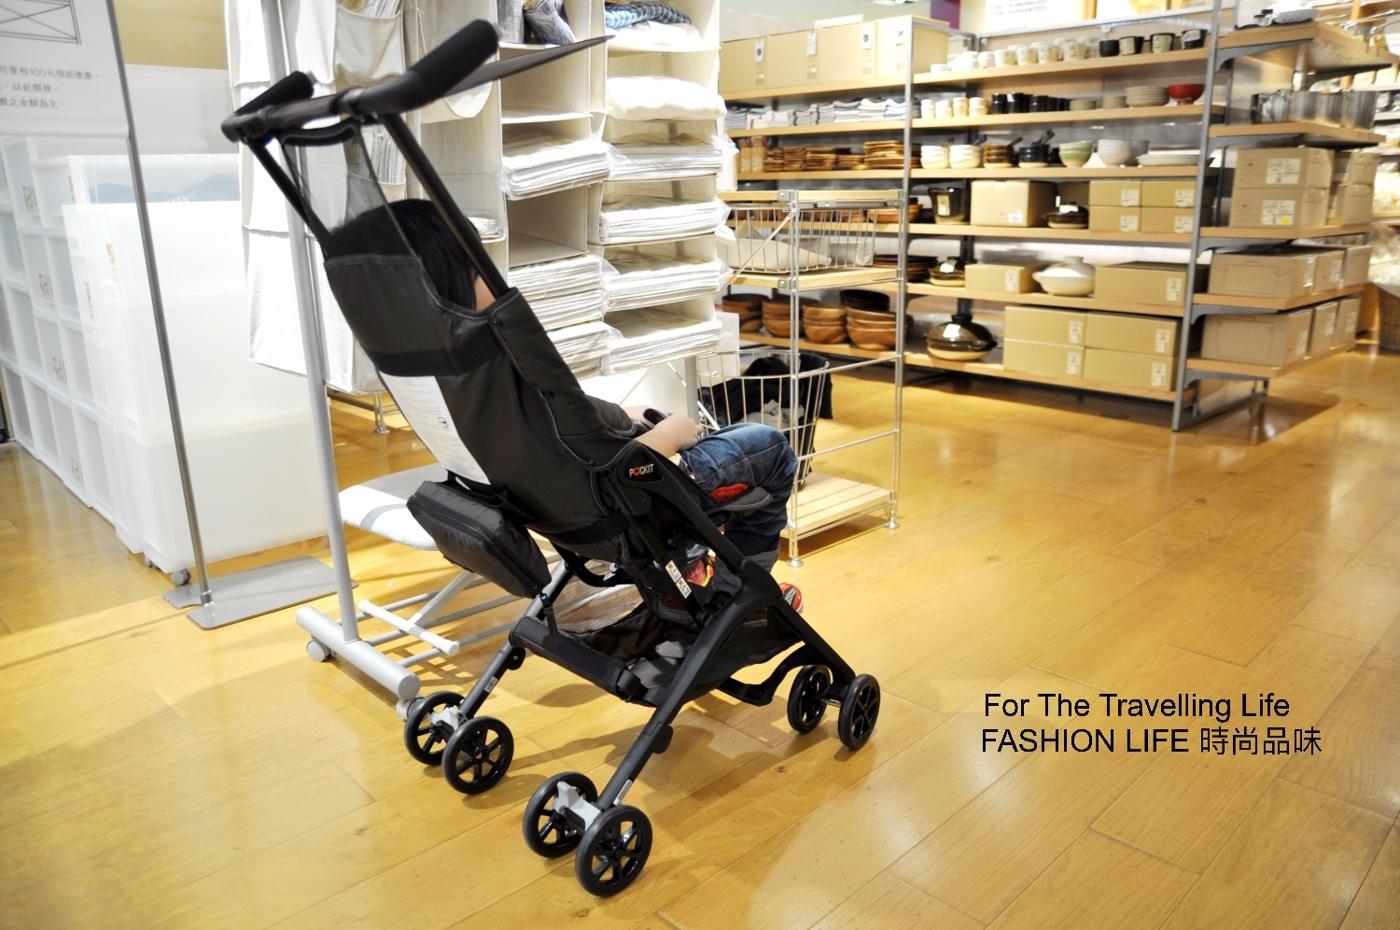 時尚品味嬰兒車出租8天日本口袋型推車POCKIT新生兒時尚推車出租